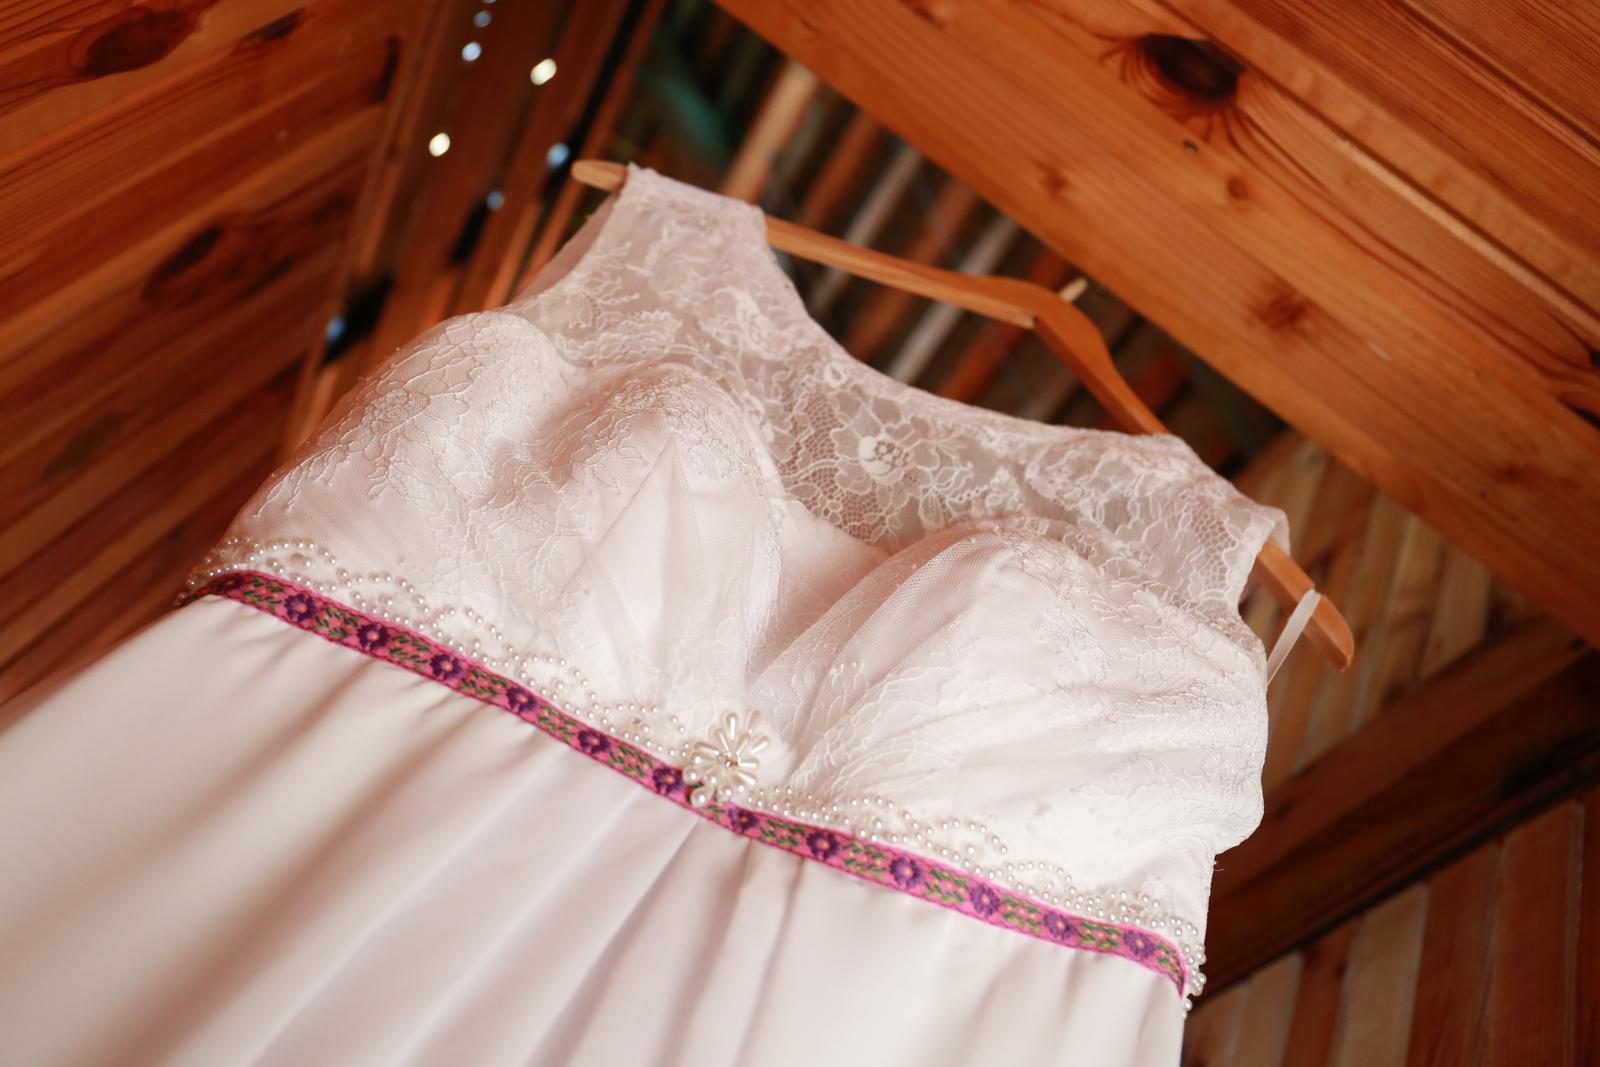 svadobné šaty aj na ľudovú nôtu - Obrázok č. 1